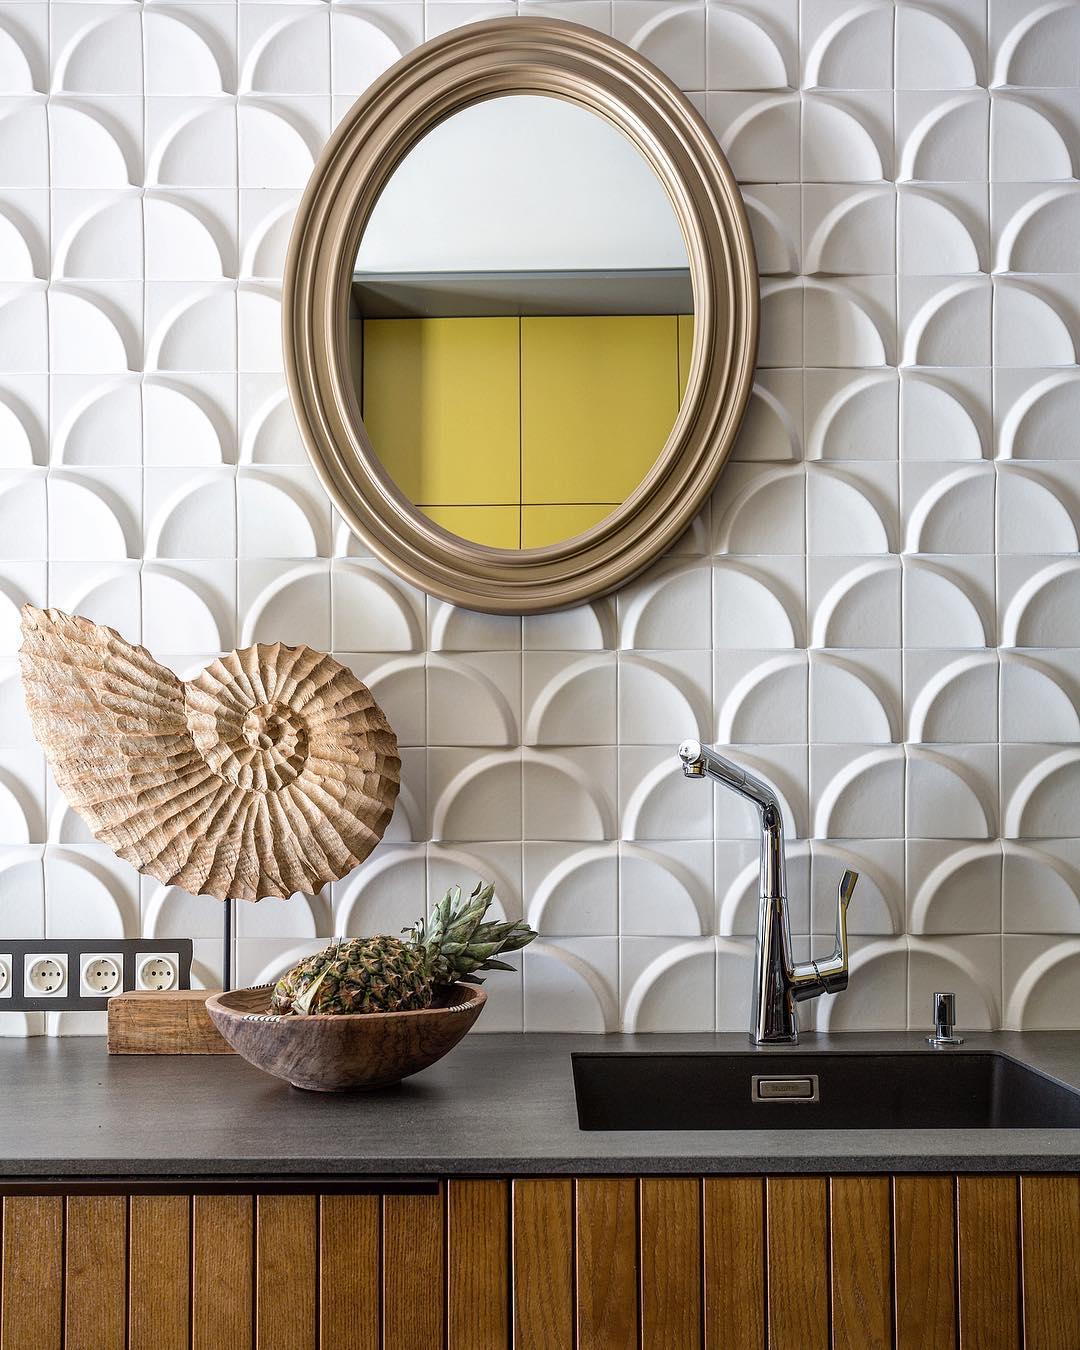 Make Interiors | Друзья, проект #tropical_holiday65 появился и в электронной версии журнала @elledecorationru ✨ Ссылка в шапке нашего профиля☝🏻Очень любимый нами кадр кухни в исполнении @evgeniikulibaba 📸